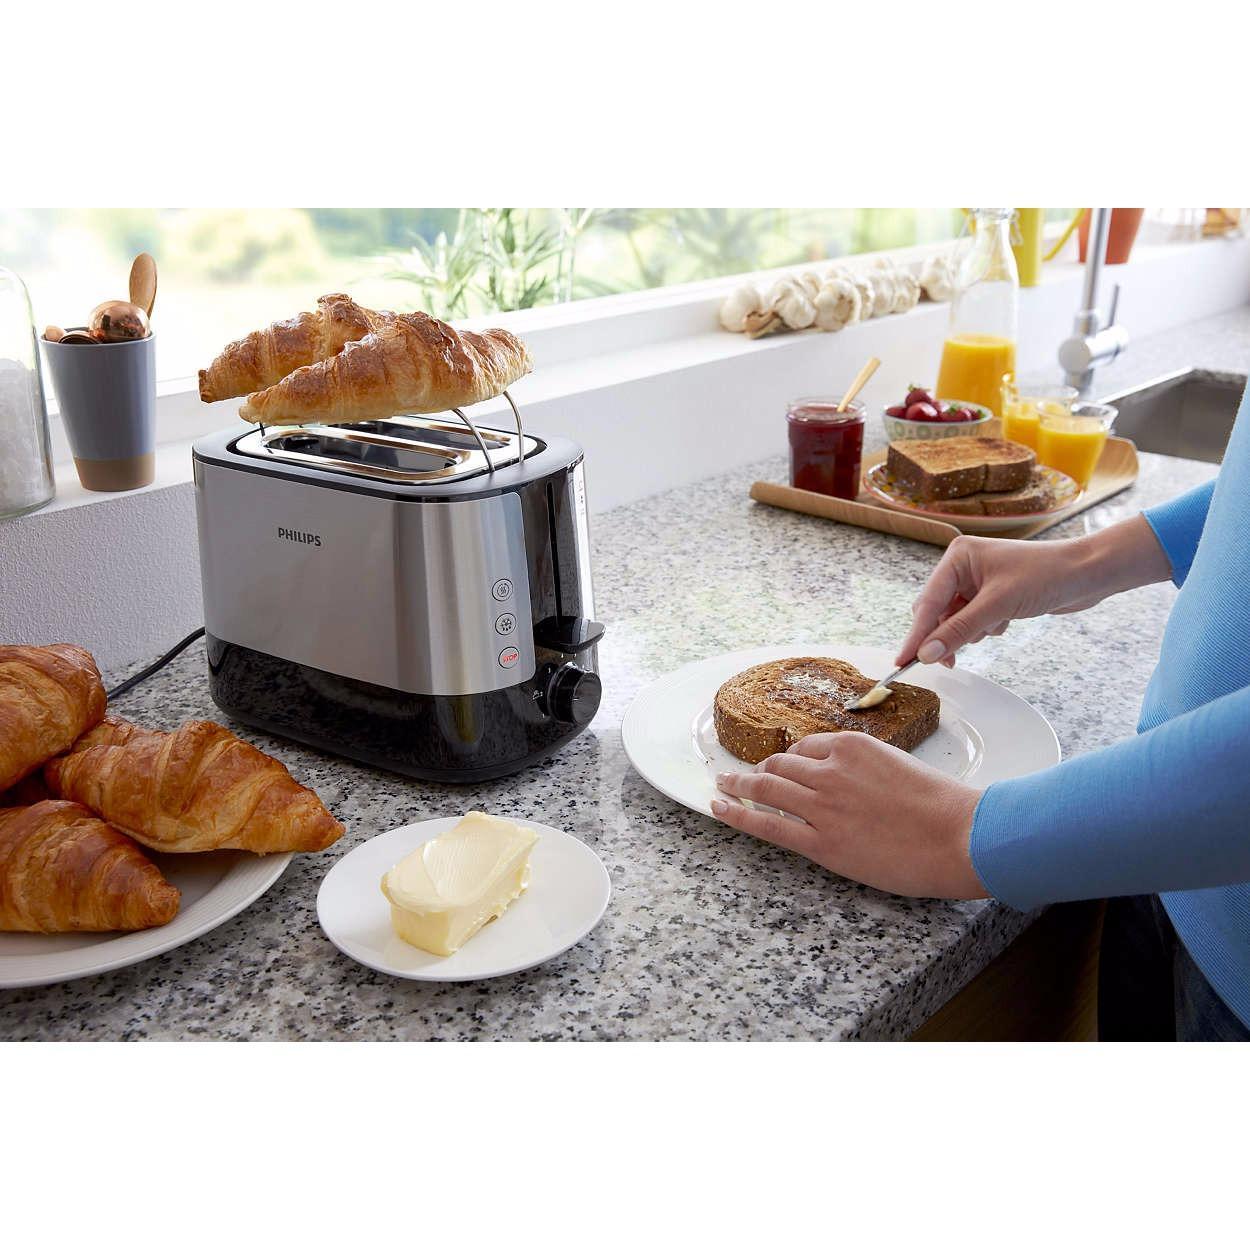 Hình ảnh Máy nướng bánh mì Philips HD2637 (1000W)-Hàng chính hãng